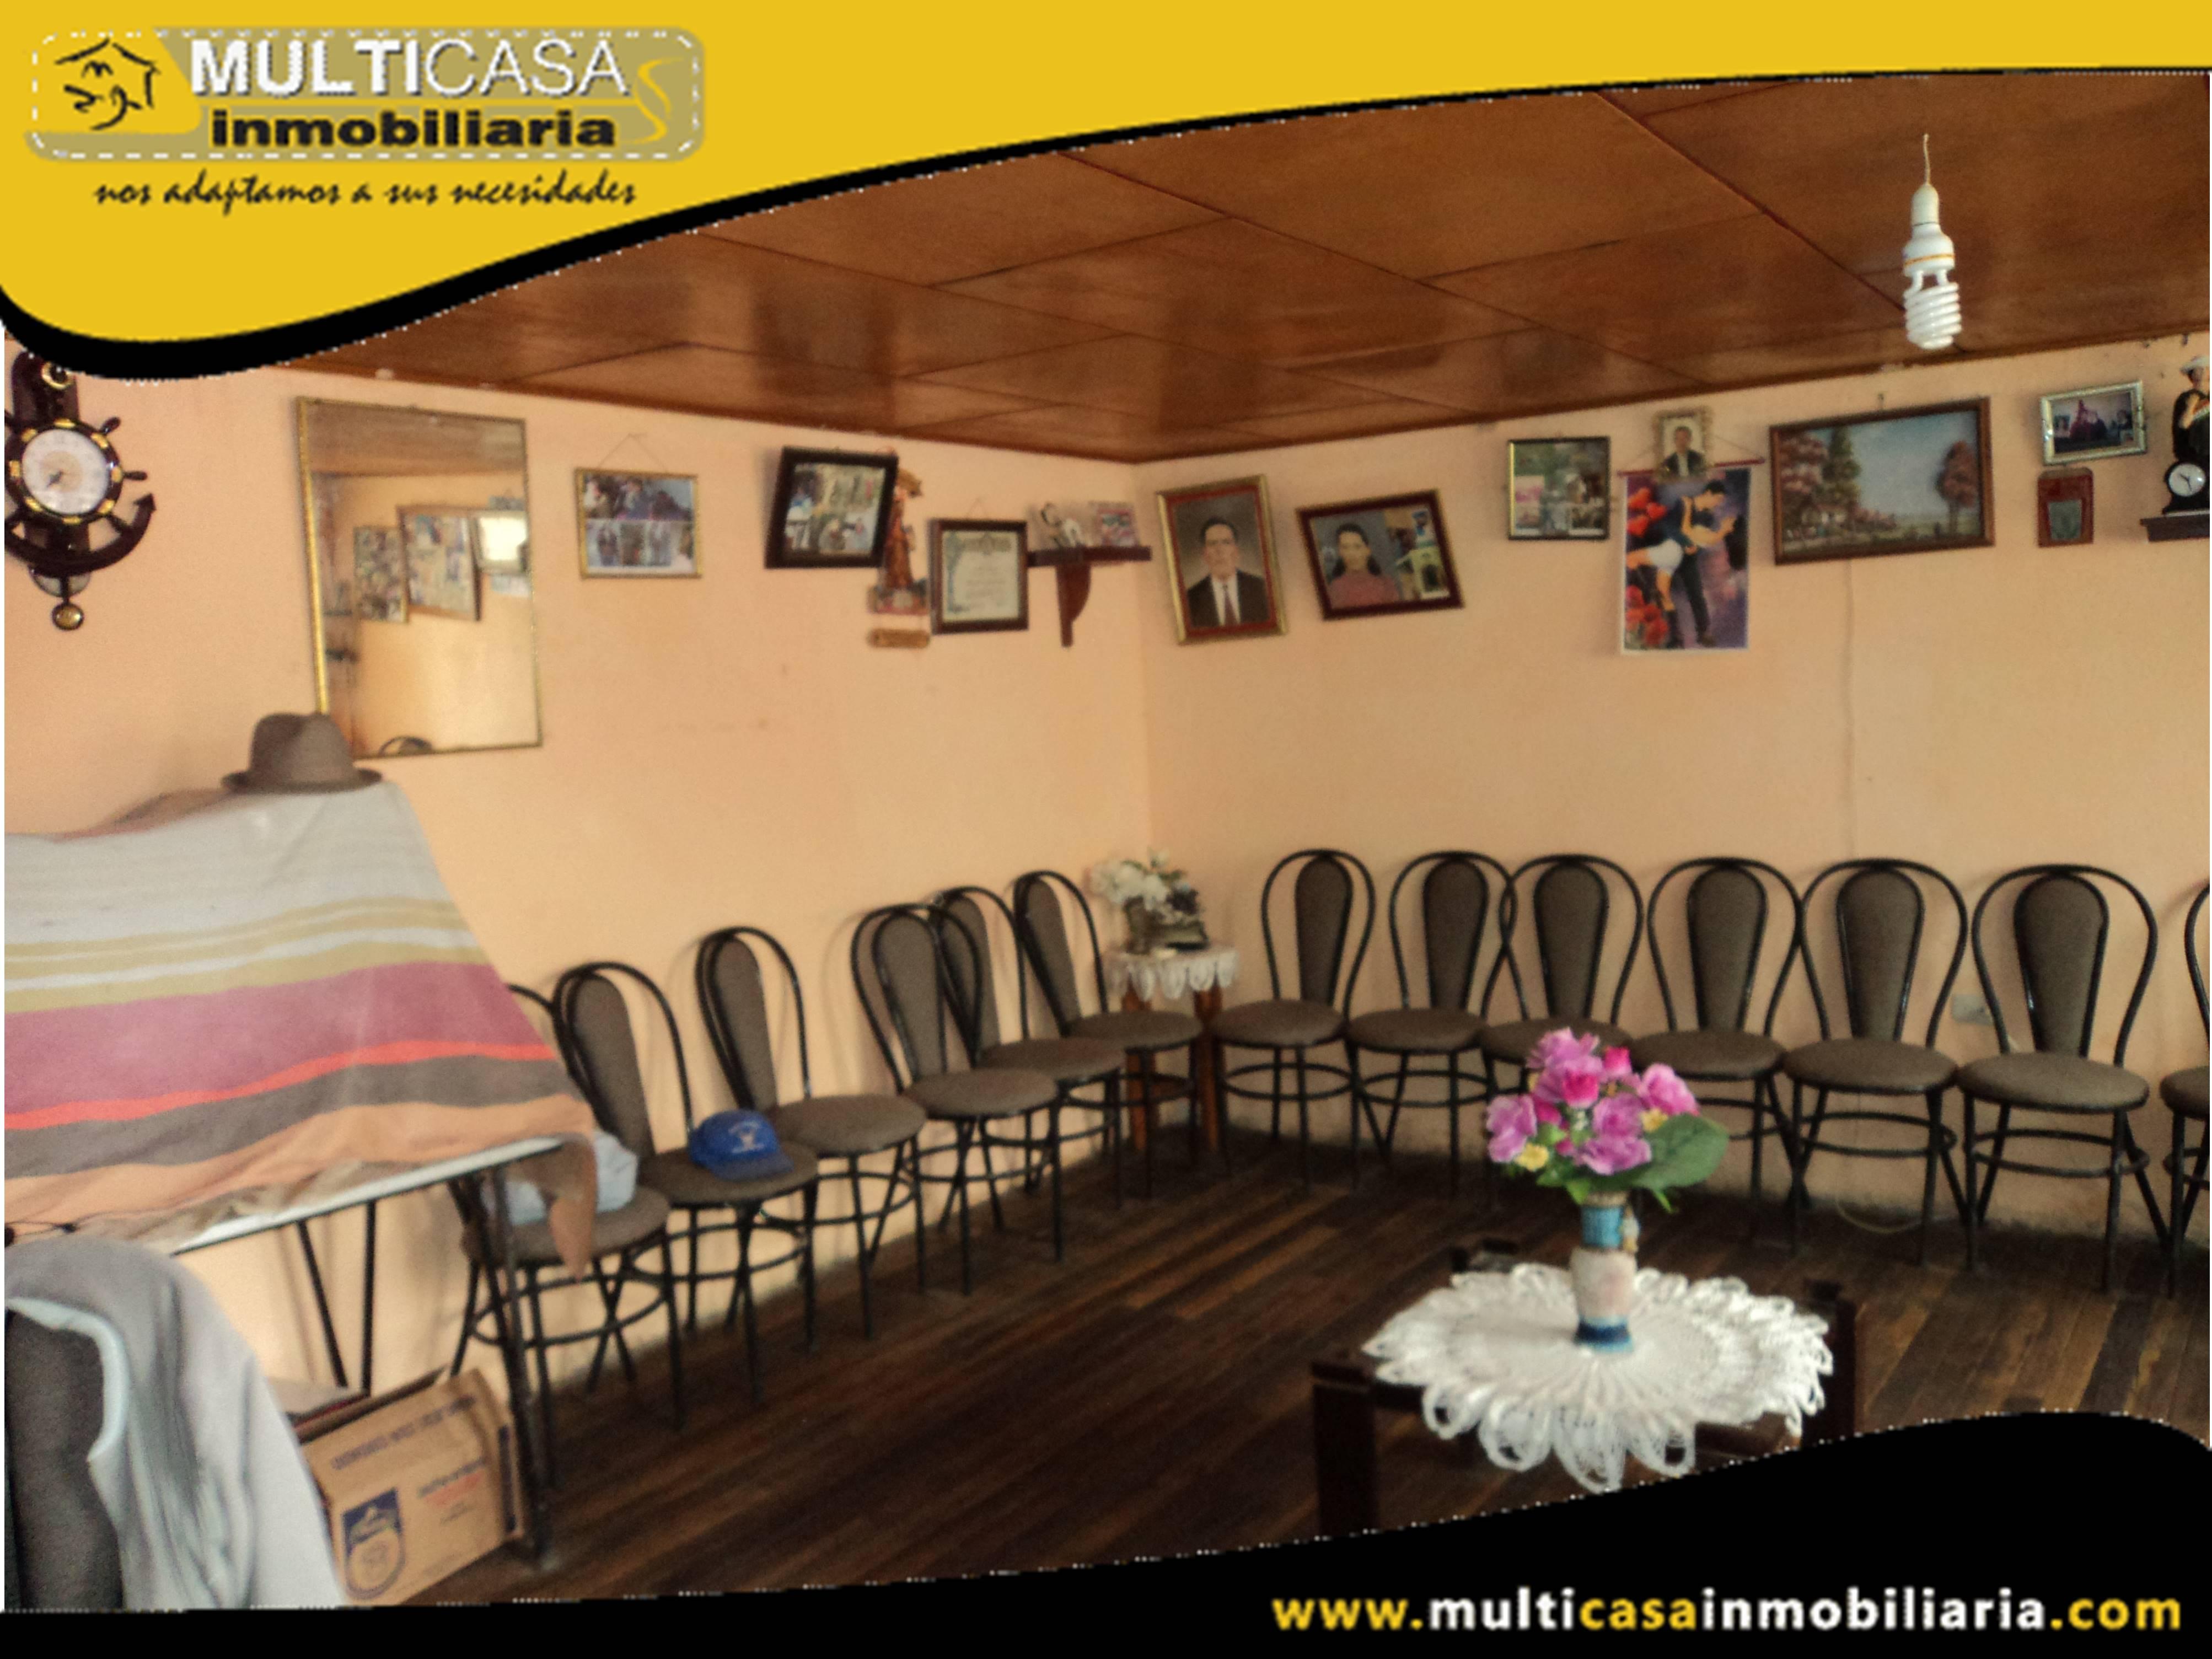 Venta de Hermosa Casa Residencial-Hostal a Crédito Sector Vía al Valle-Chilcapamba Cuenca-Ecuador